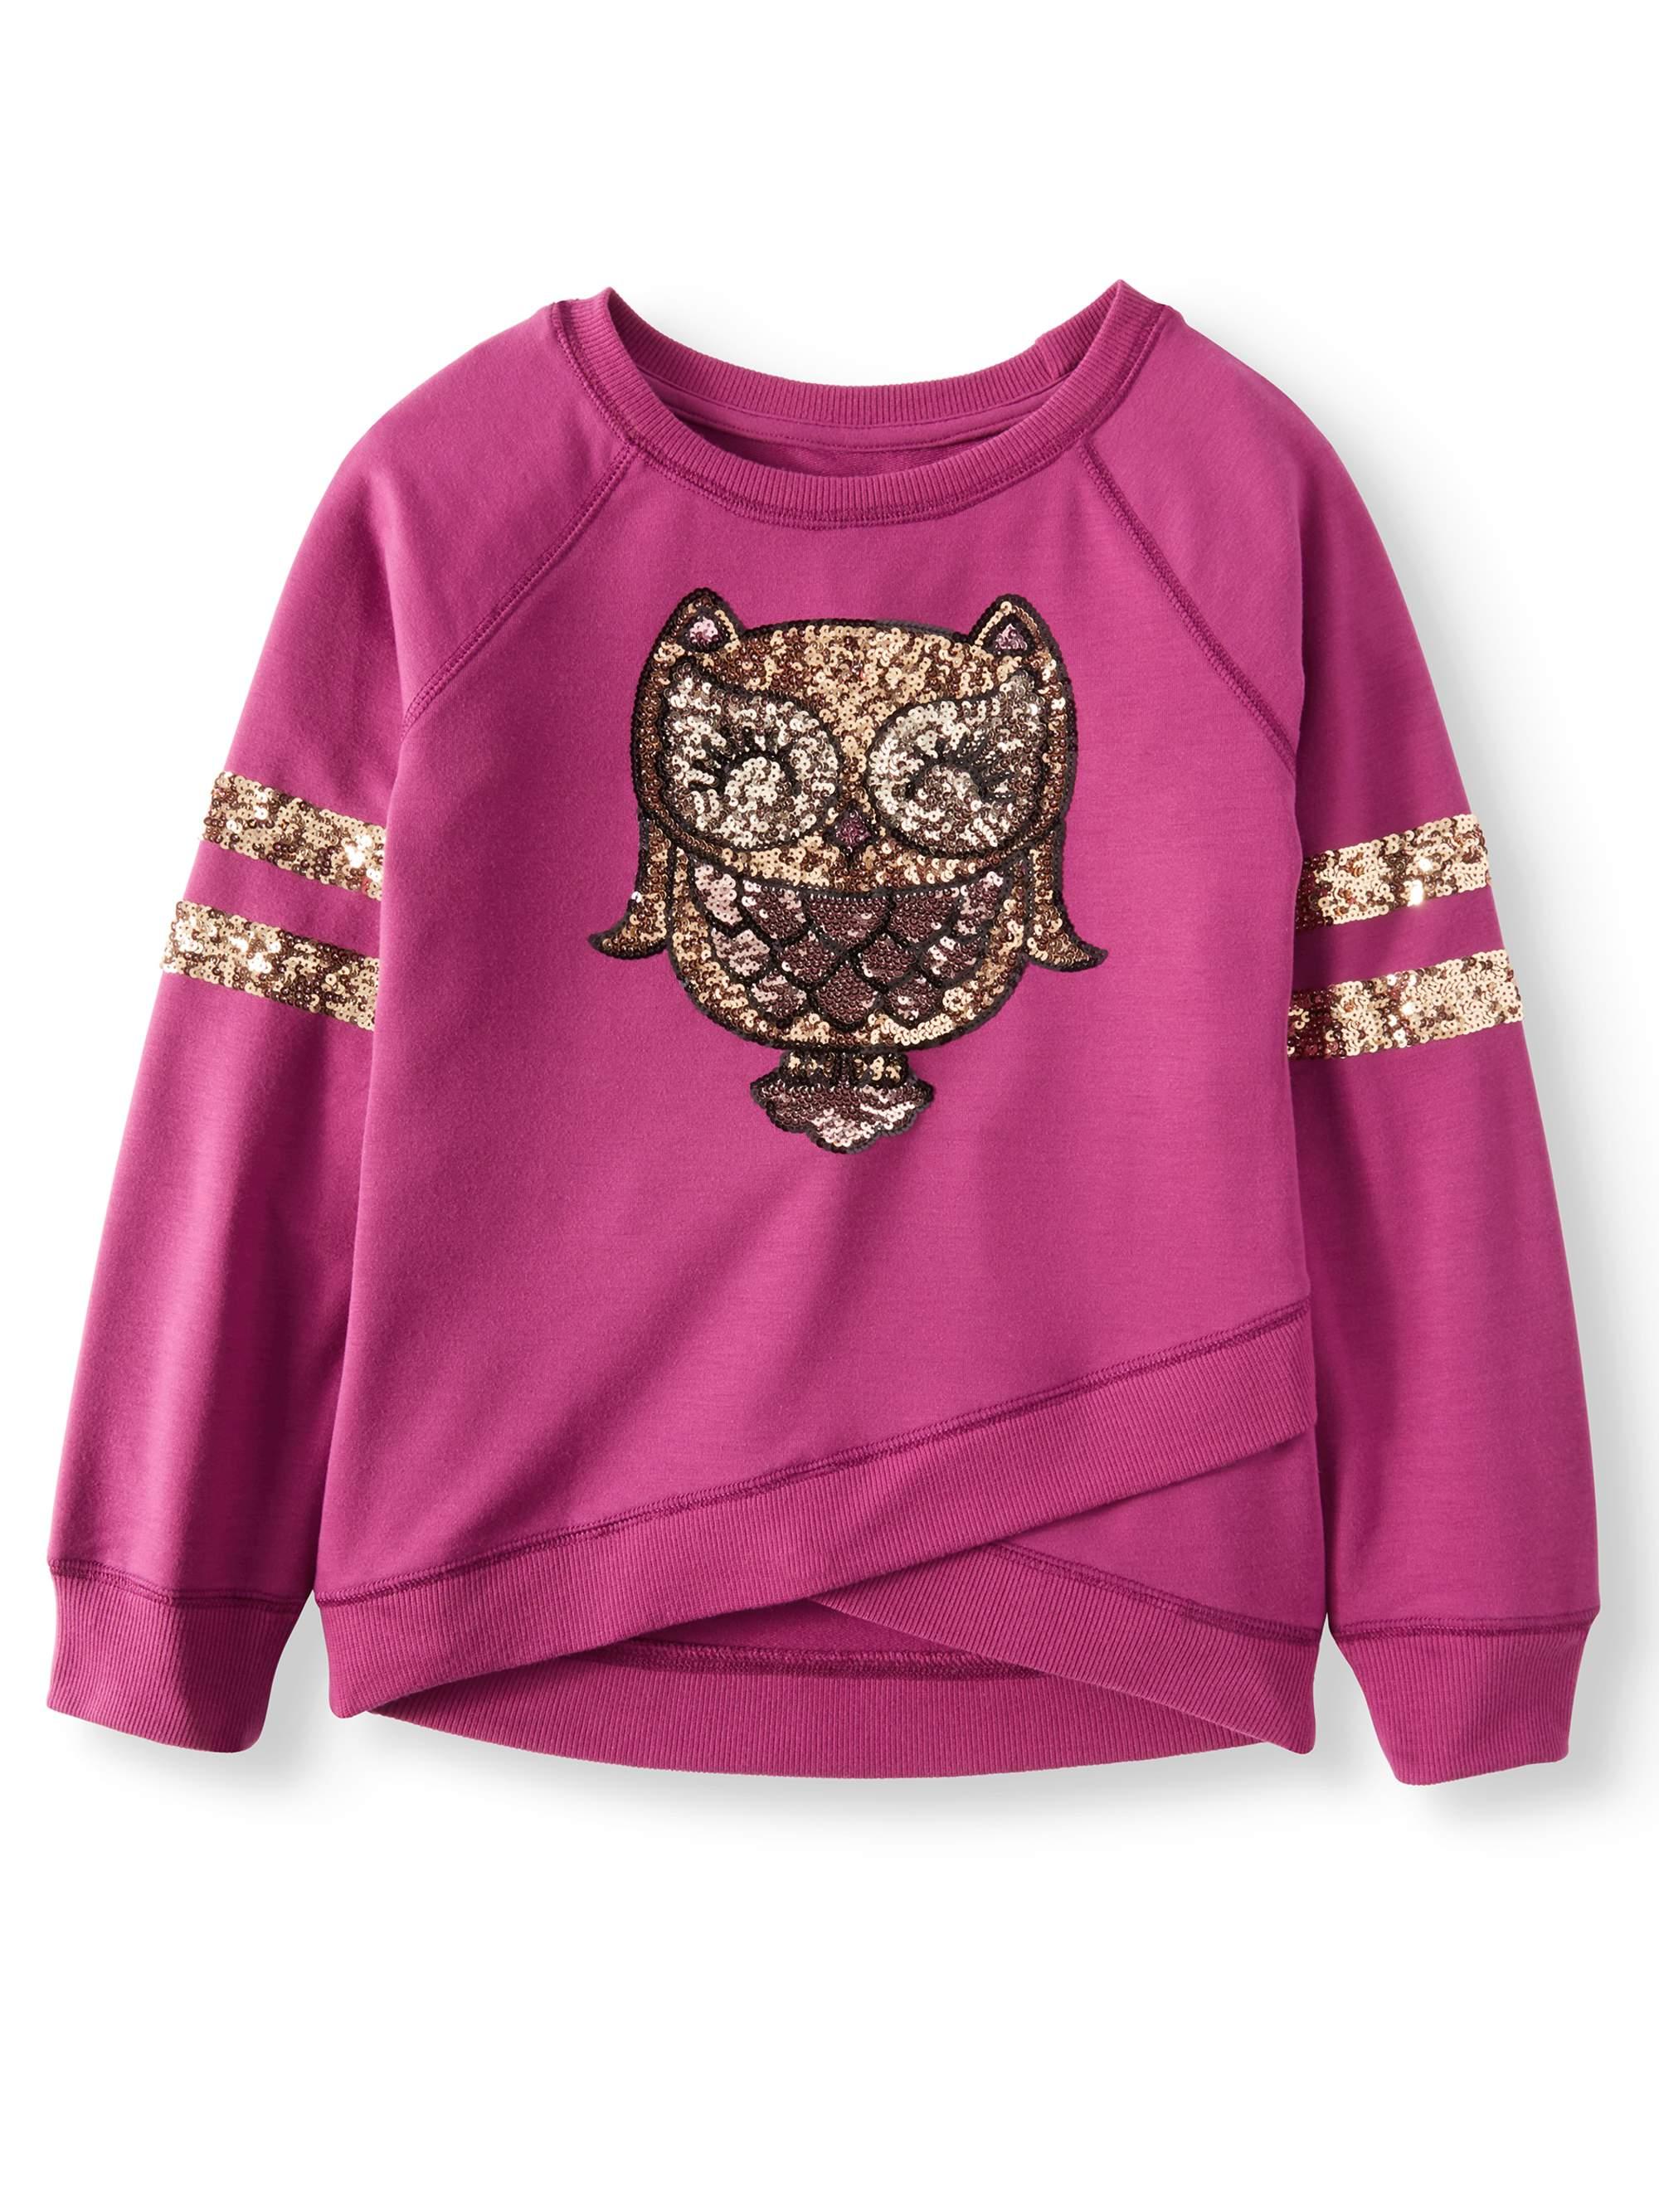 Sequin Owl Cross Front Varsity Sweatshirt (Big Girls)